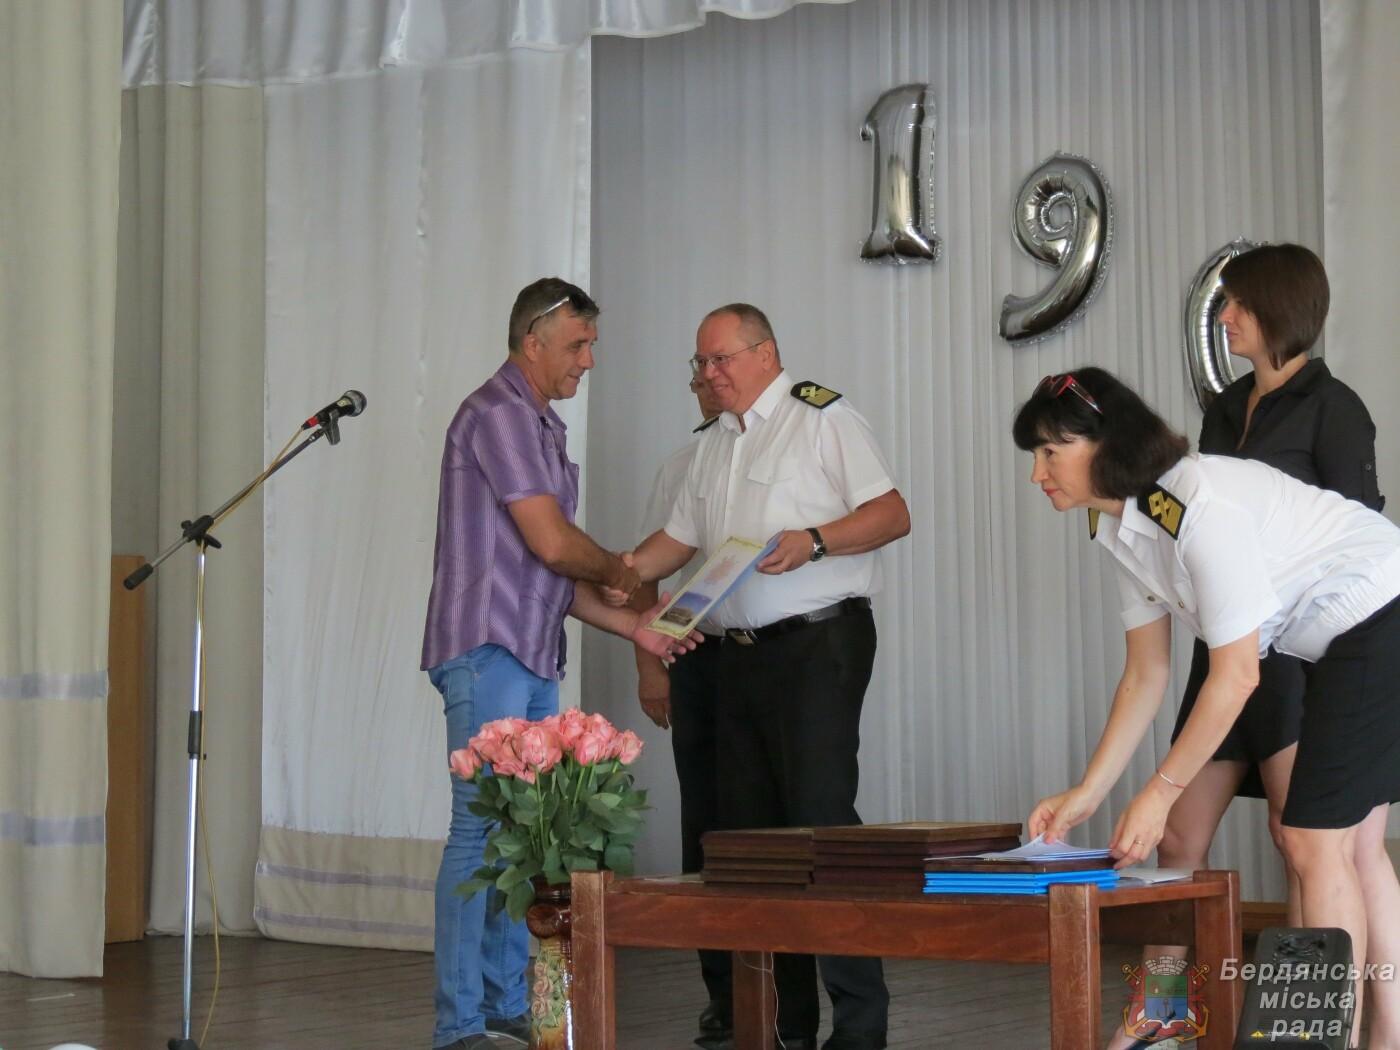 Работники Бердянского порта отмечают свой профессиональный праздник и 190 лет предприятию, фото-5